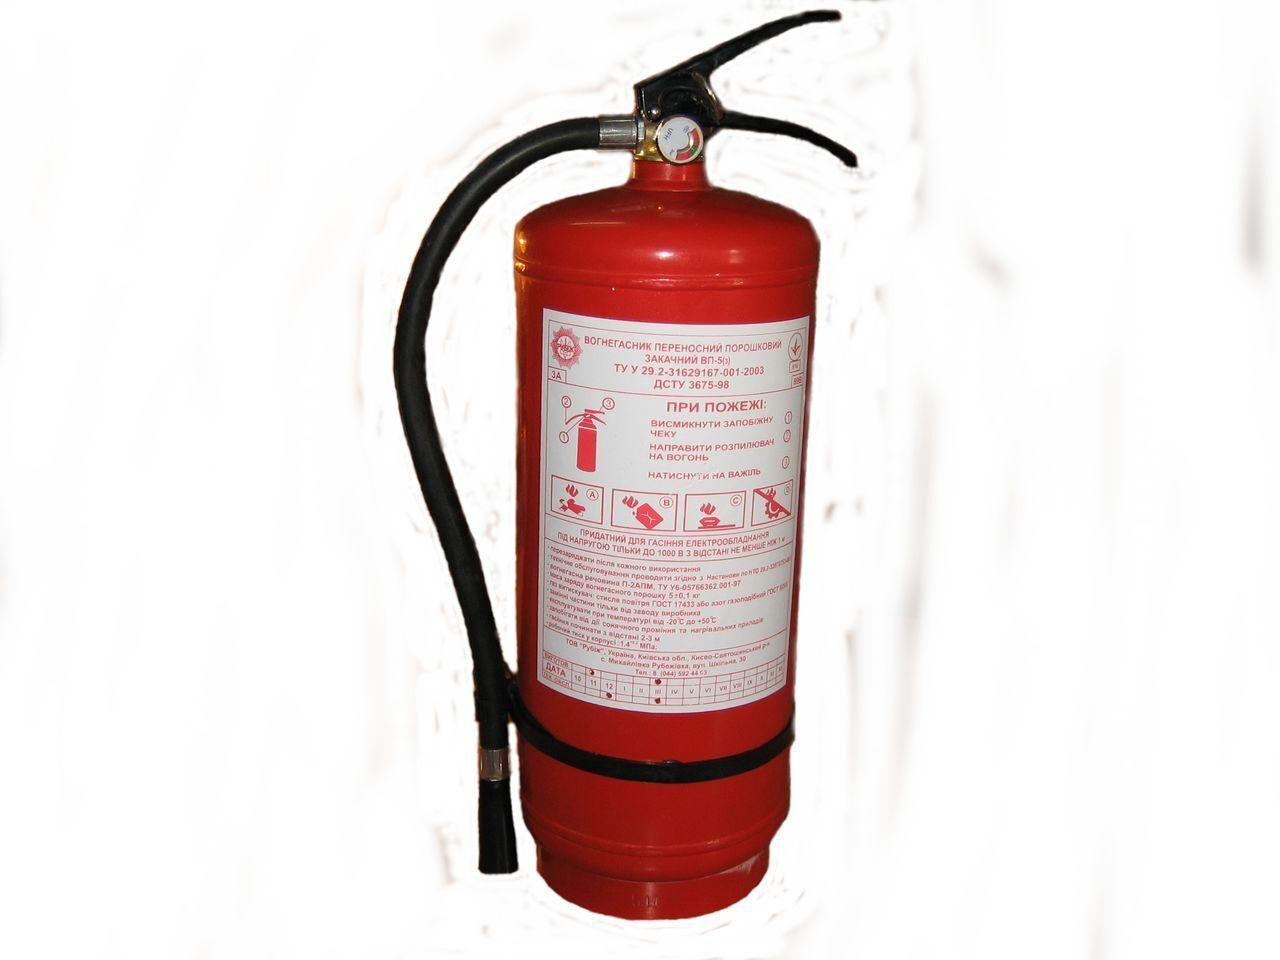 Как пользоваться огнетушителем оп 5 4